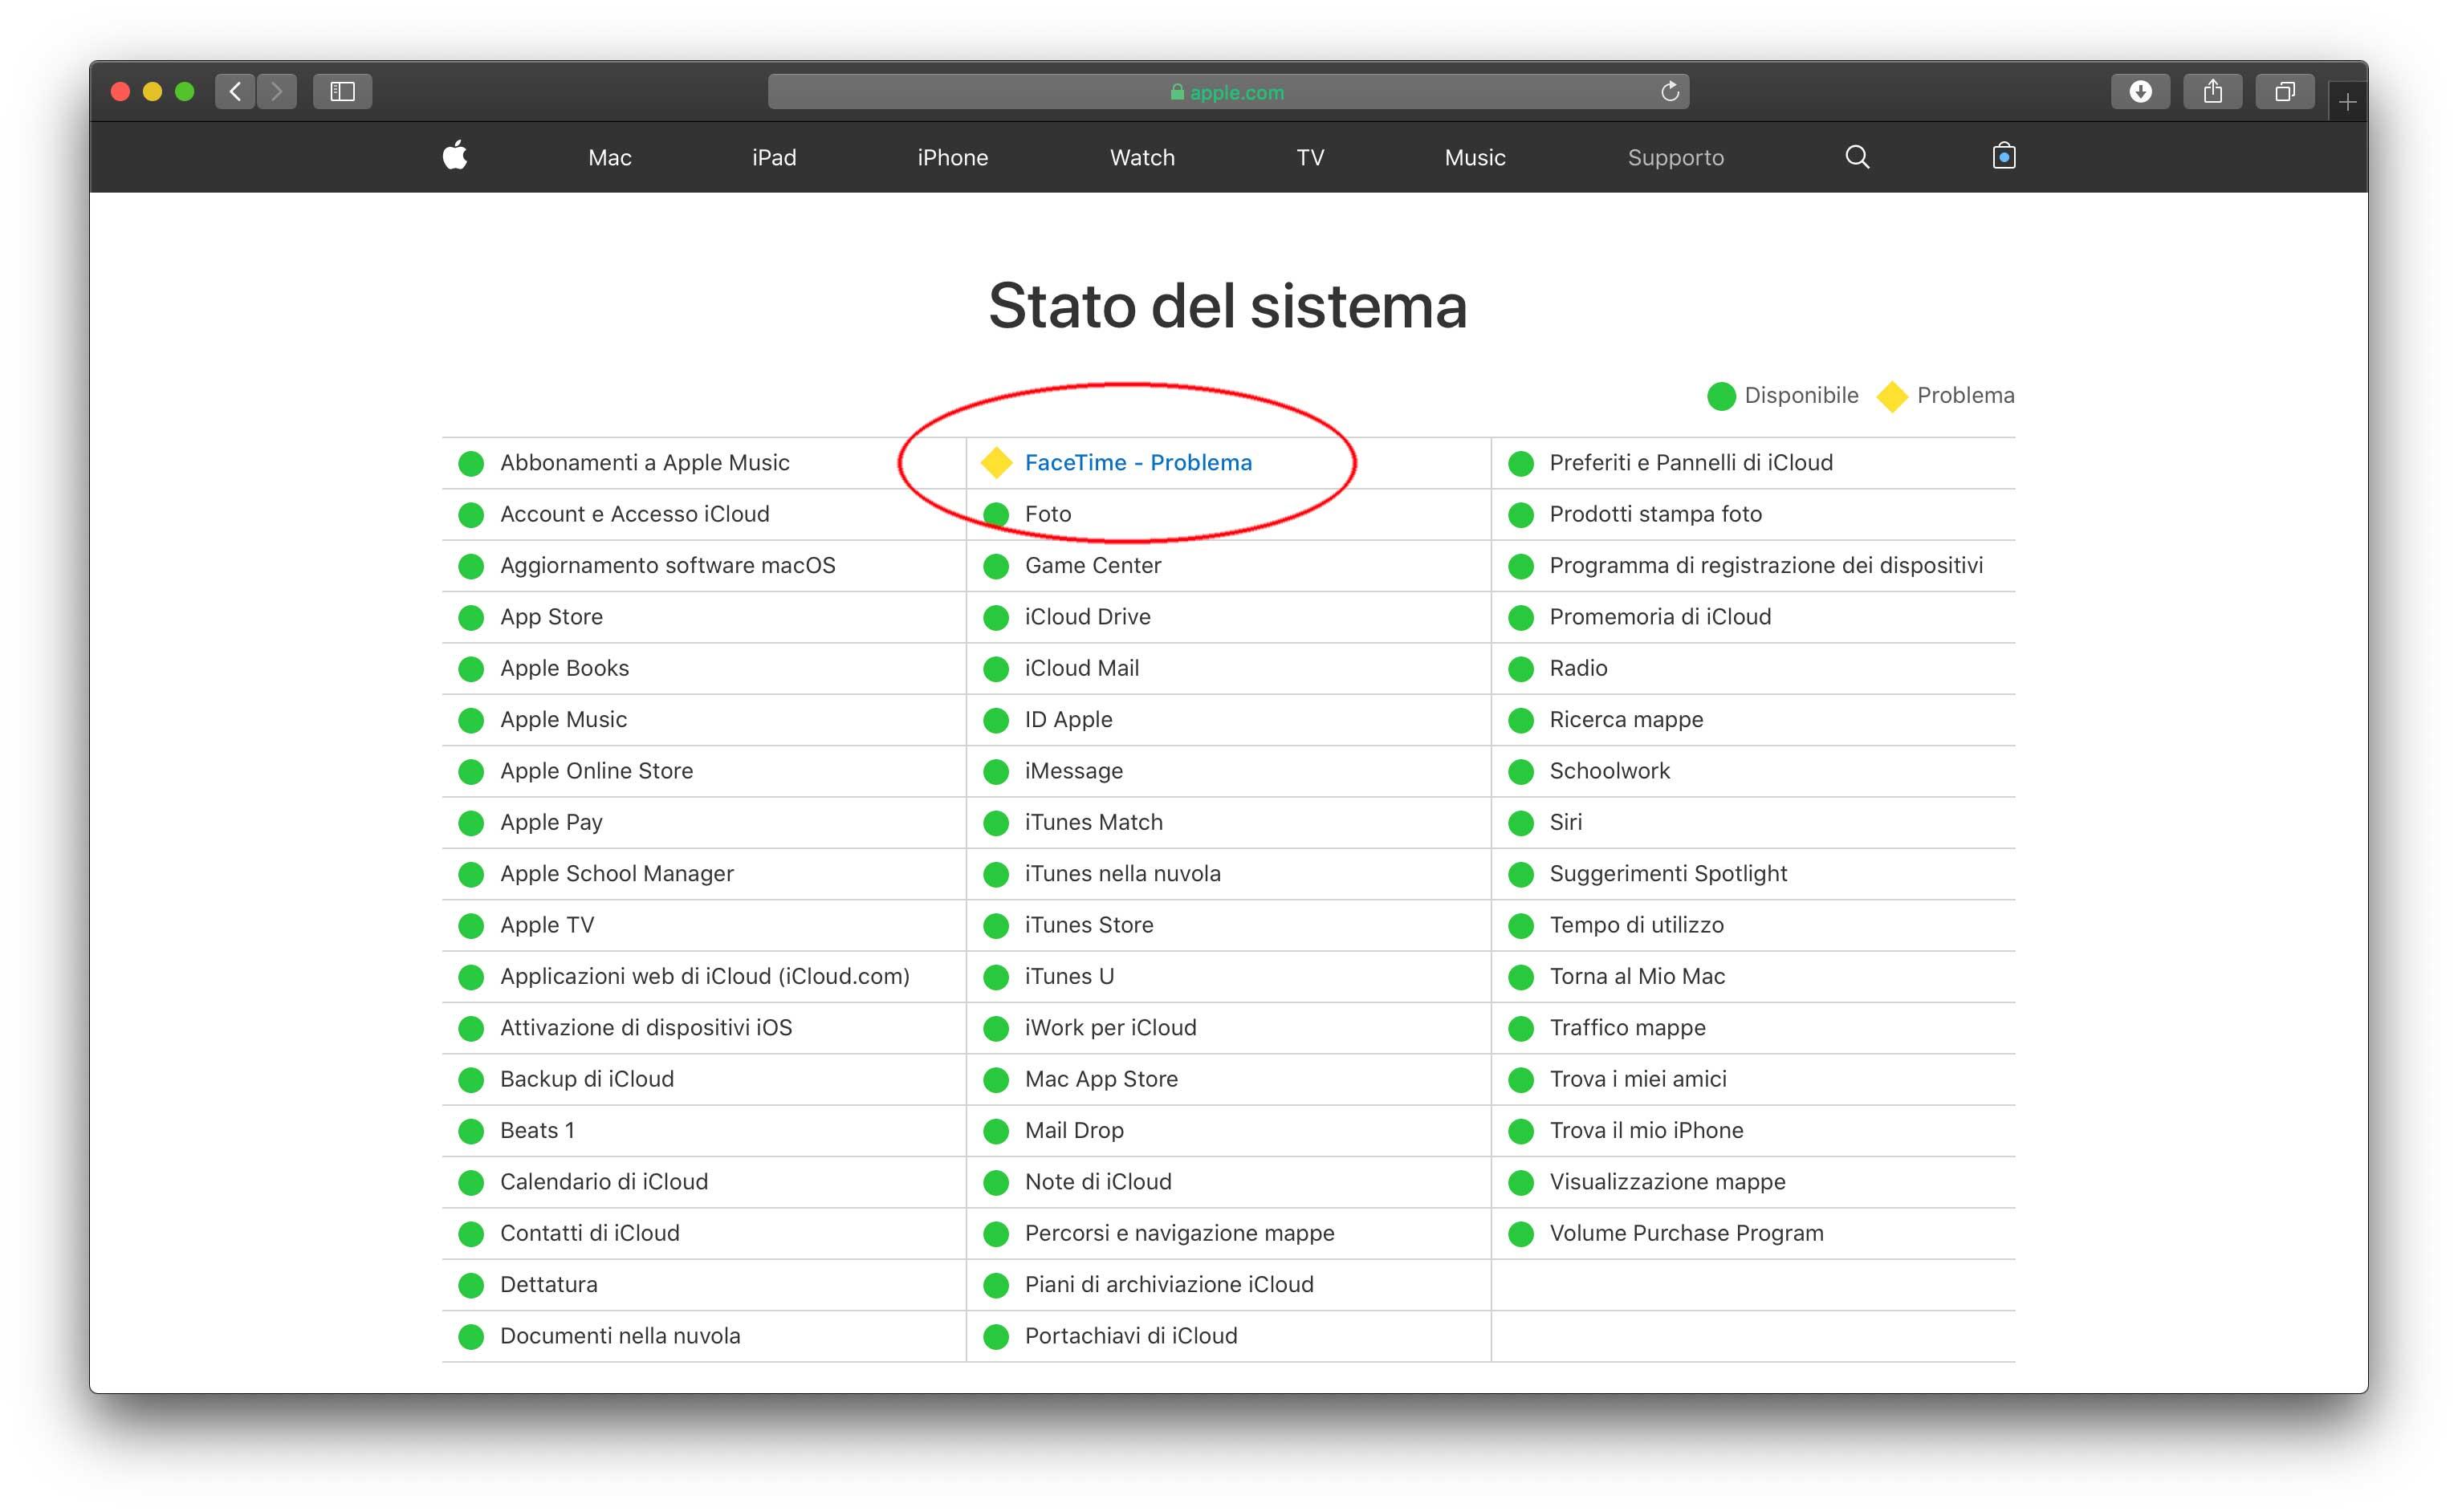 La pagina web di Apple con le indicazione sullo